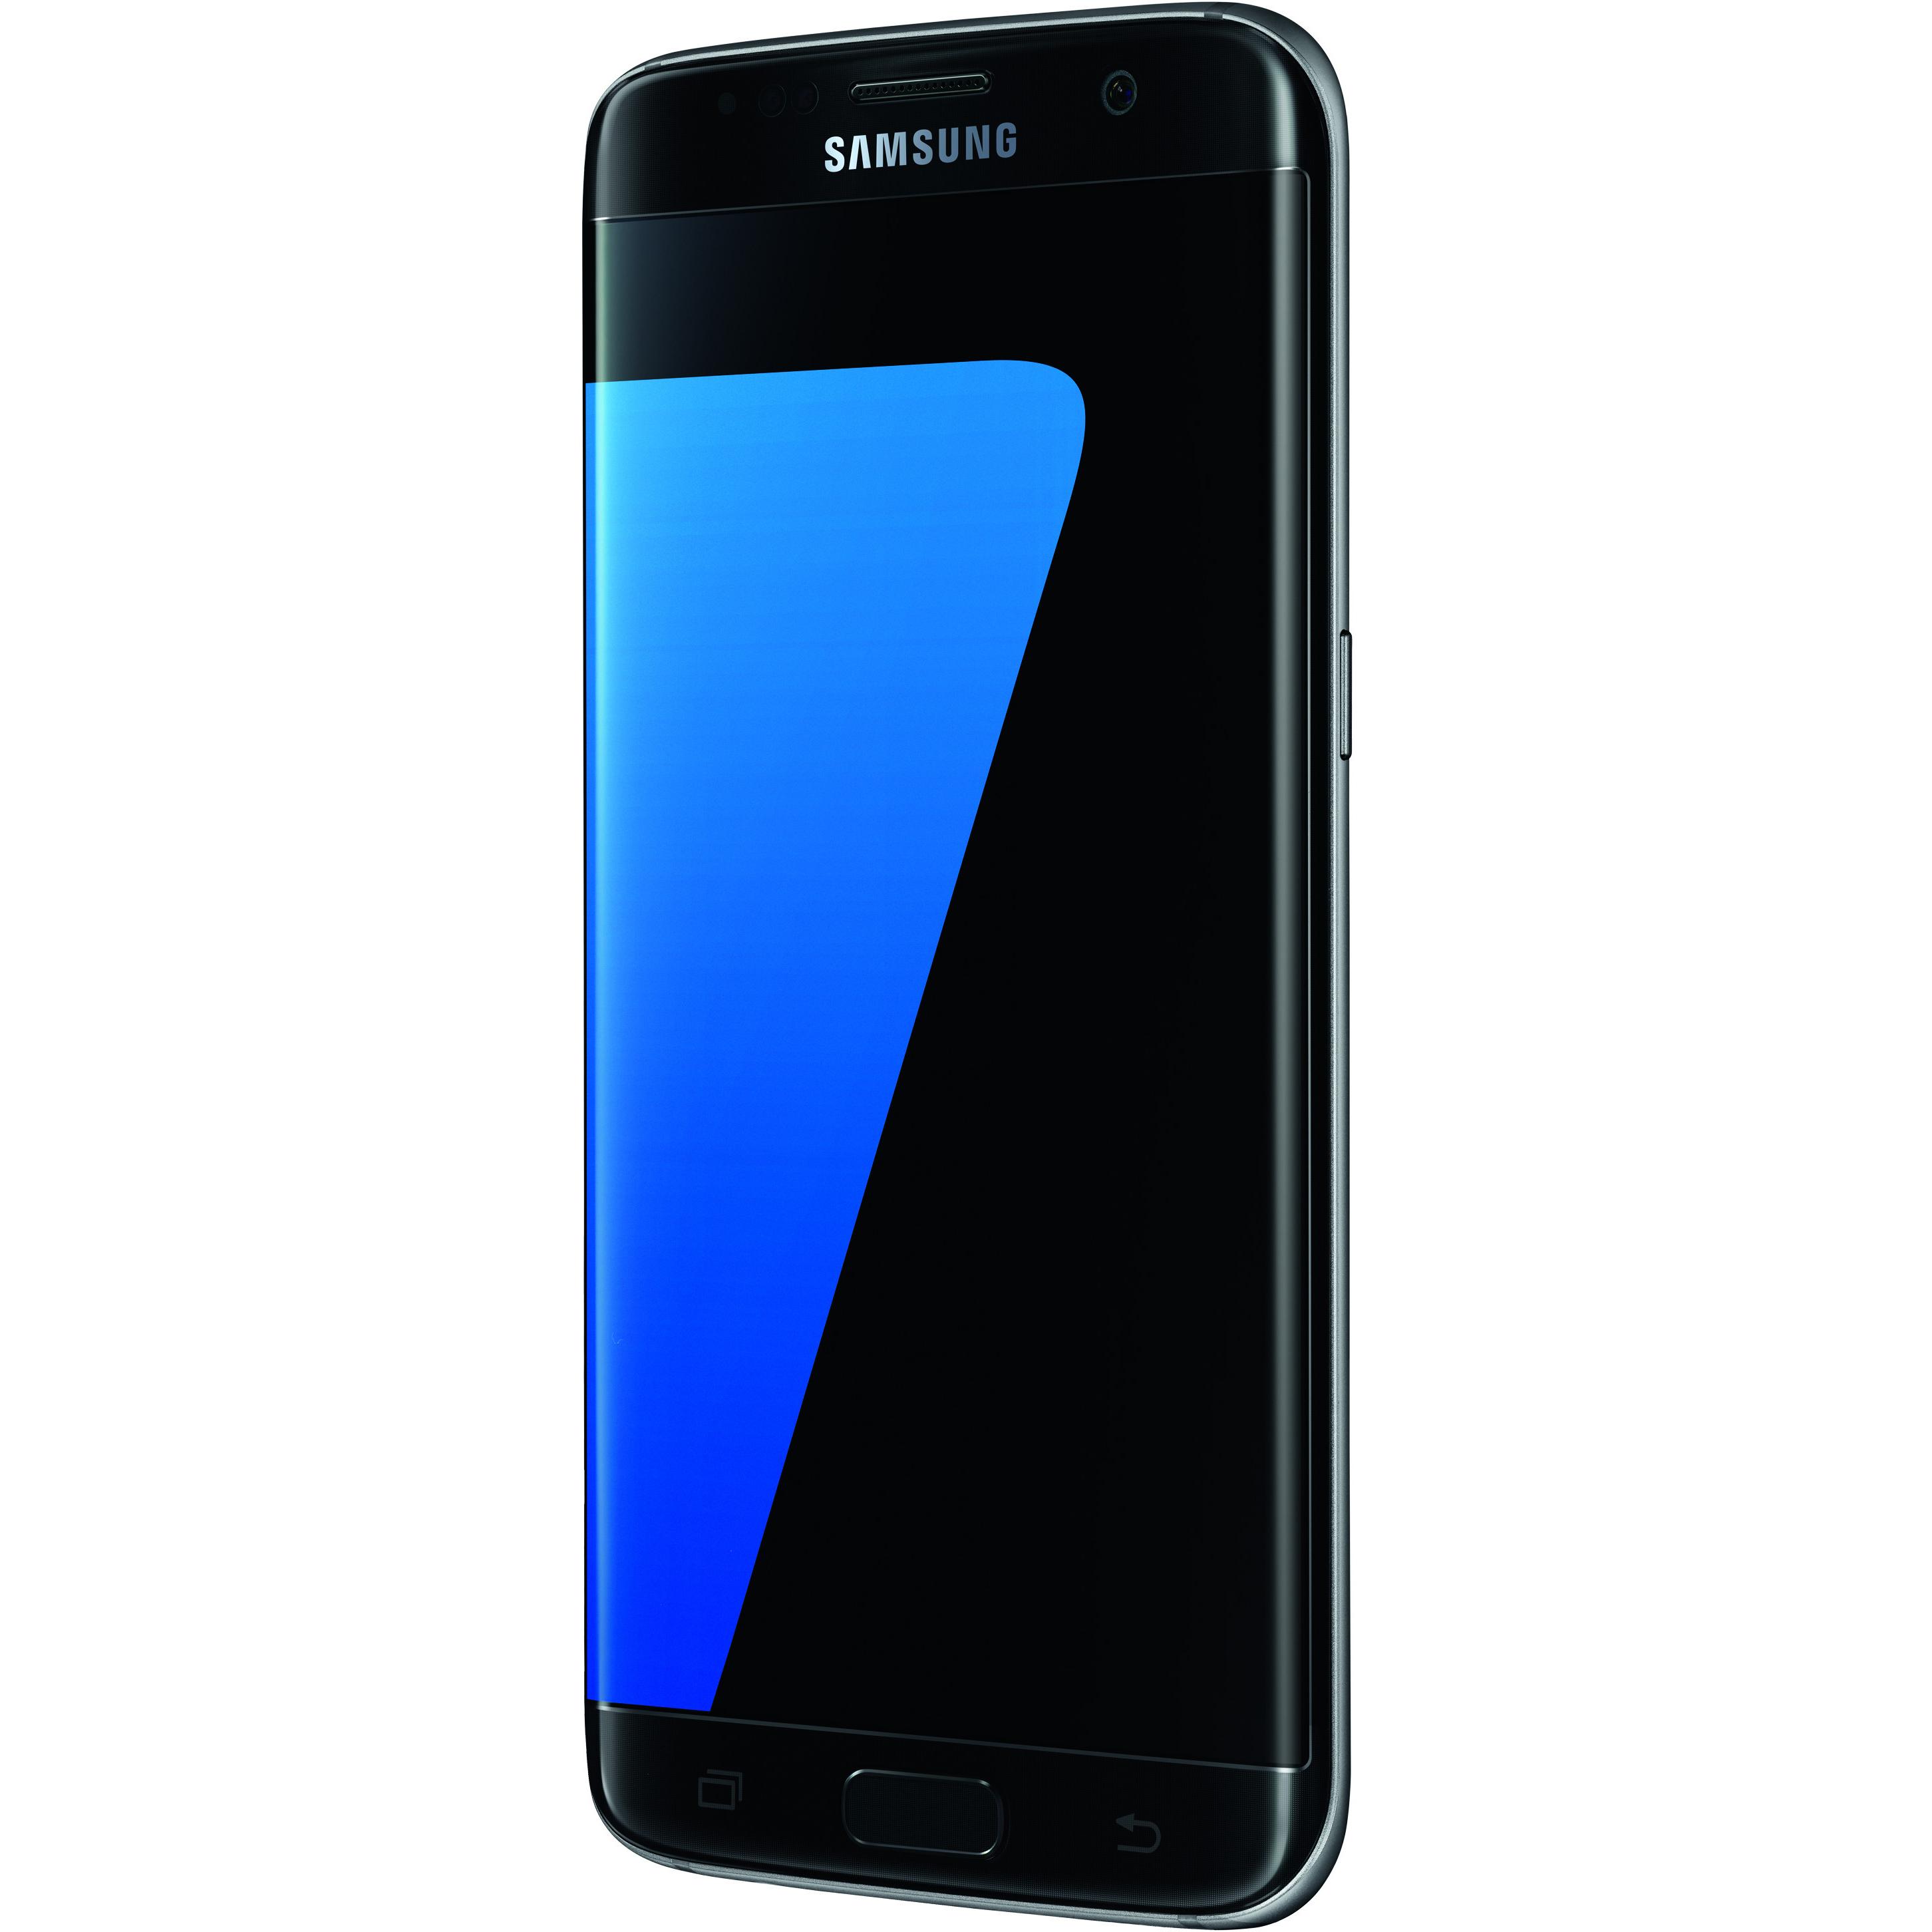 samsung galaxy s7 edge g935f 32gb black handys samsung galaxy s7 edge. Black Bedroom Furniture Sets. Home Design Ideas